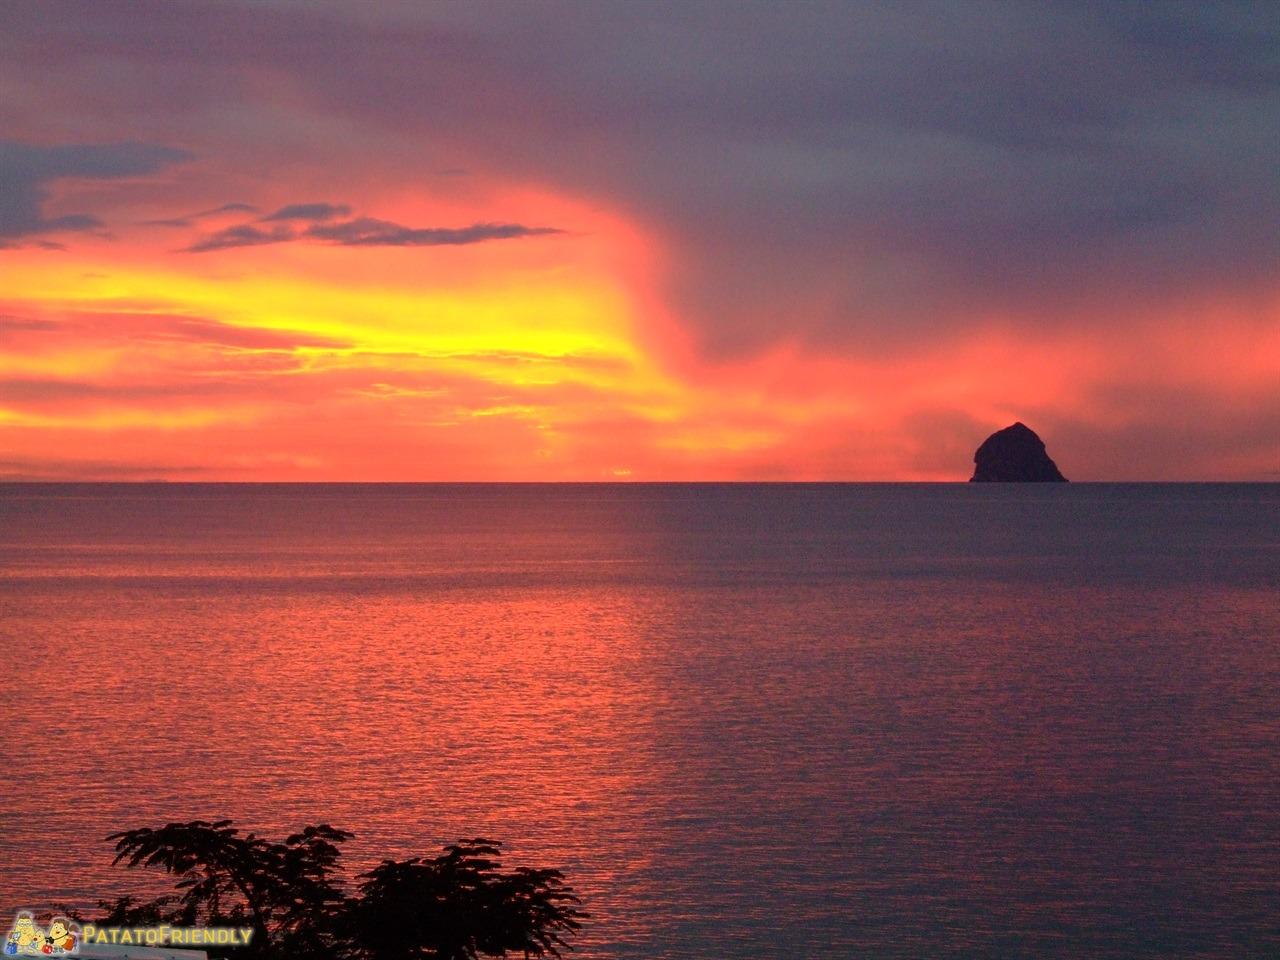 [cml_media_alt id='6680']Le spiagge della Martinica - Un incredibile tramonto rosso in Martinica con Le Rocher du Diamant sullo sfondo[/cml_media_alt]